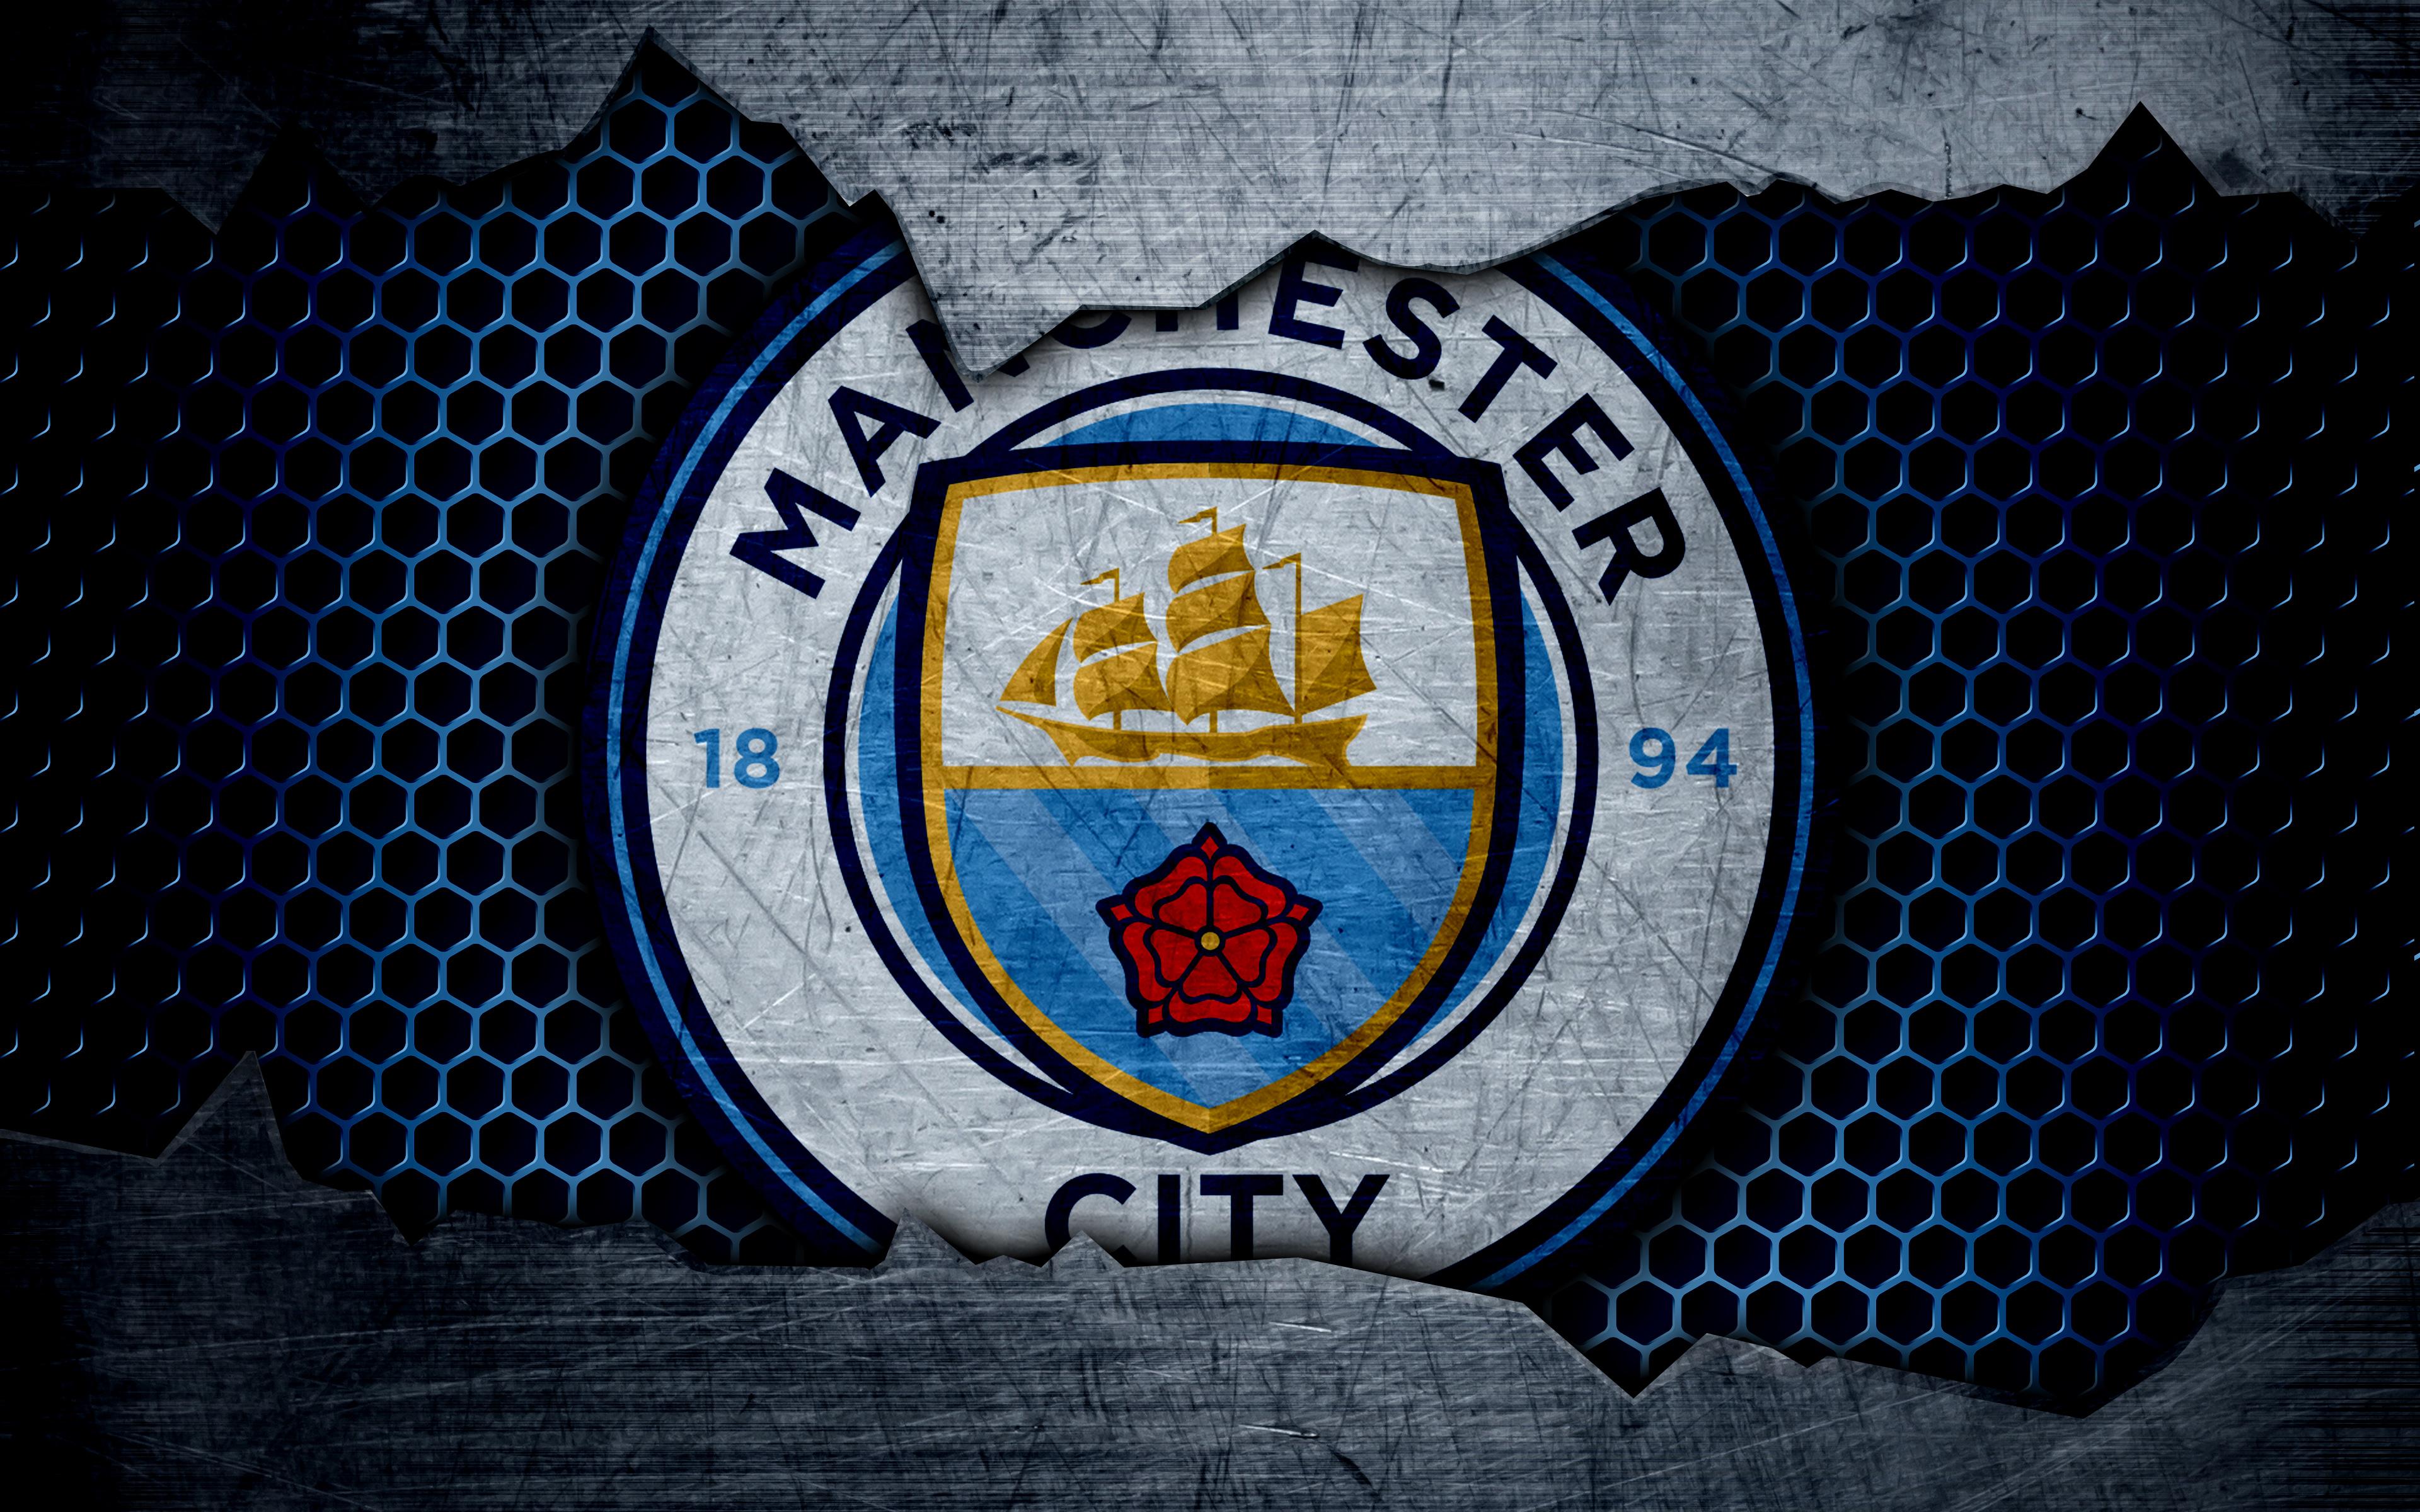 Manchester City Wallpaper: Manchester City Logo 4k Ultra HD Wallpaper